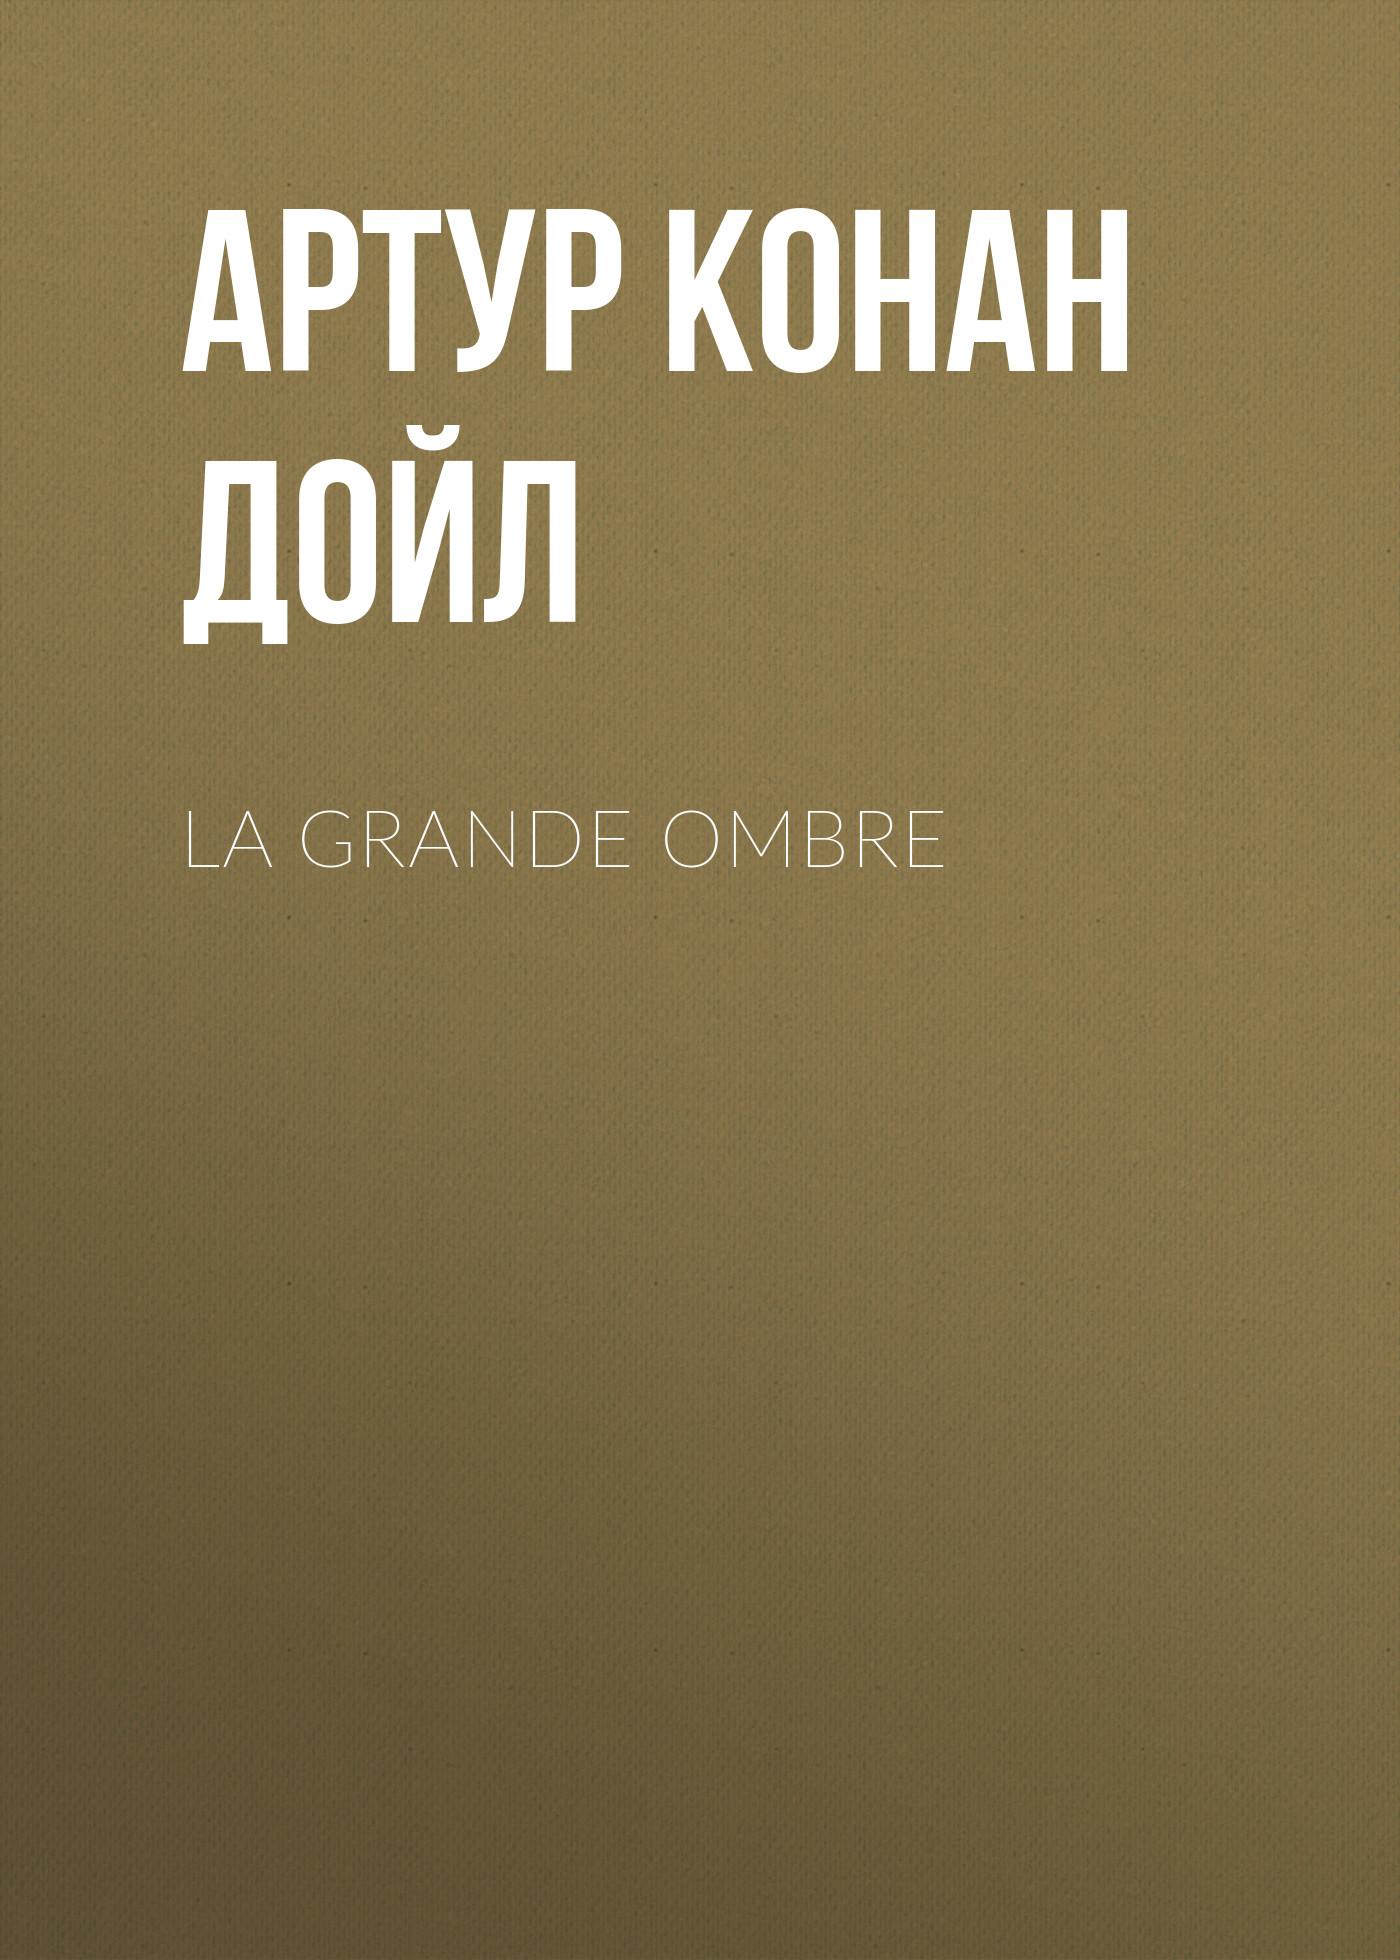 Артур Конан Дойл La grande ombre артур конан дойл загадка старка манро